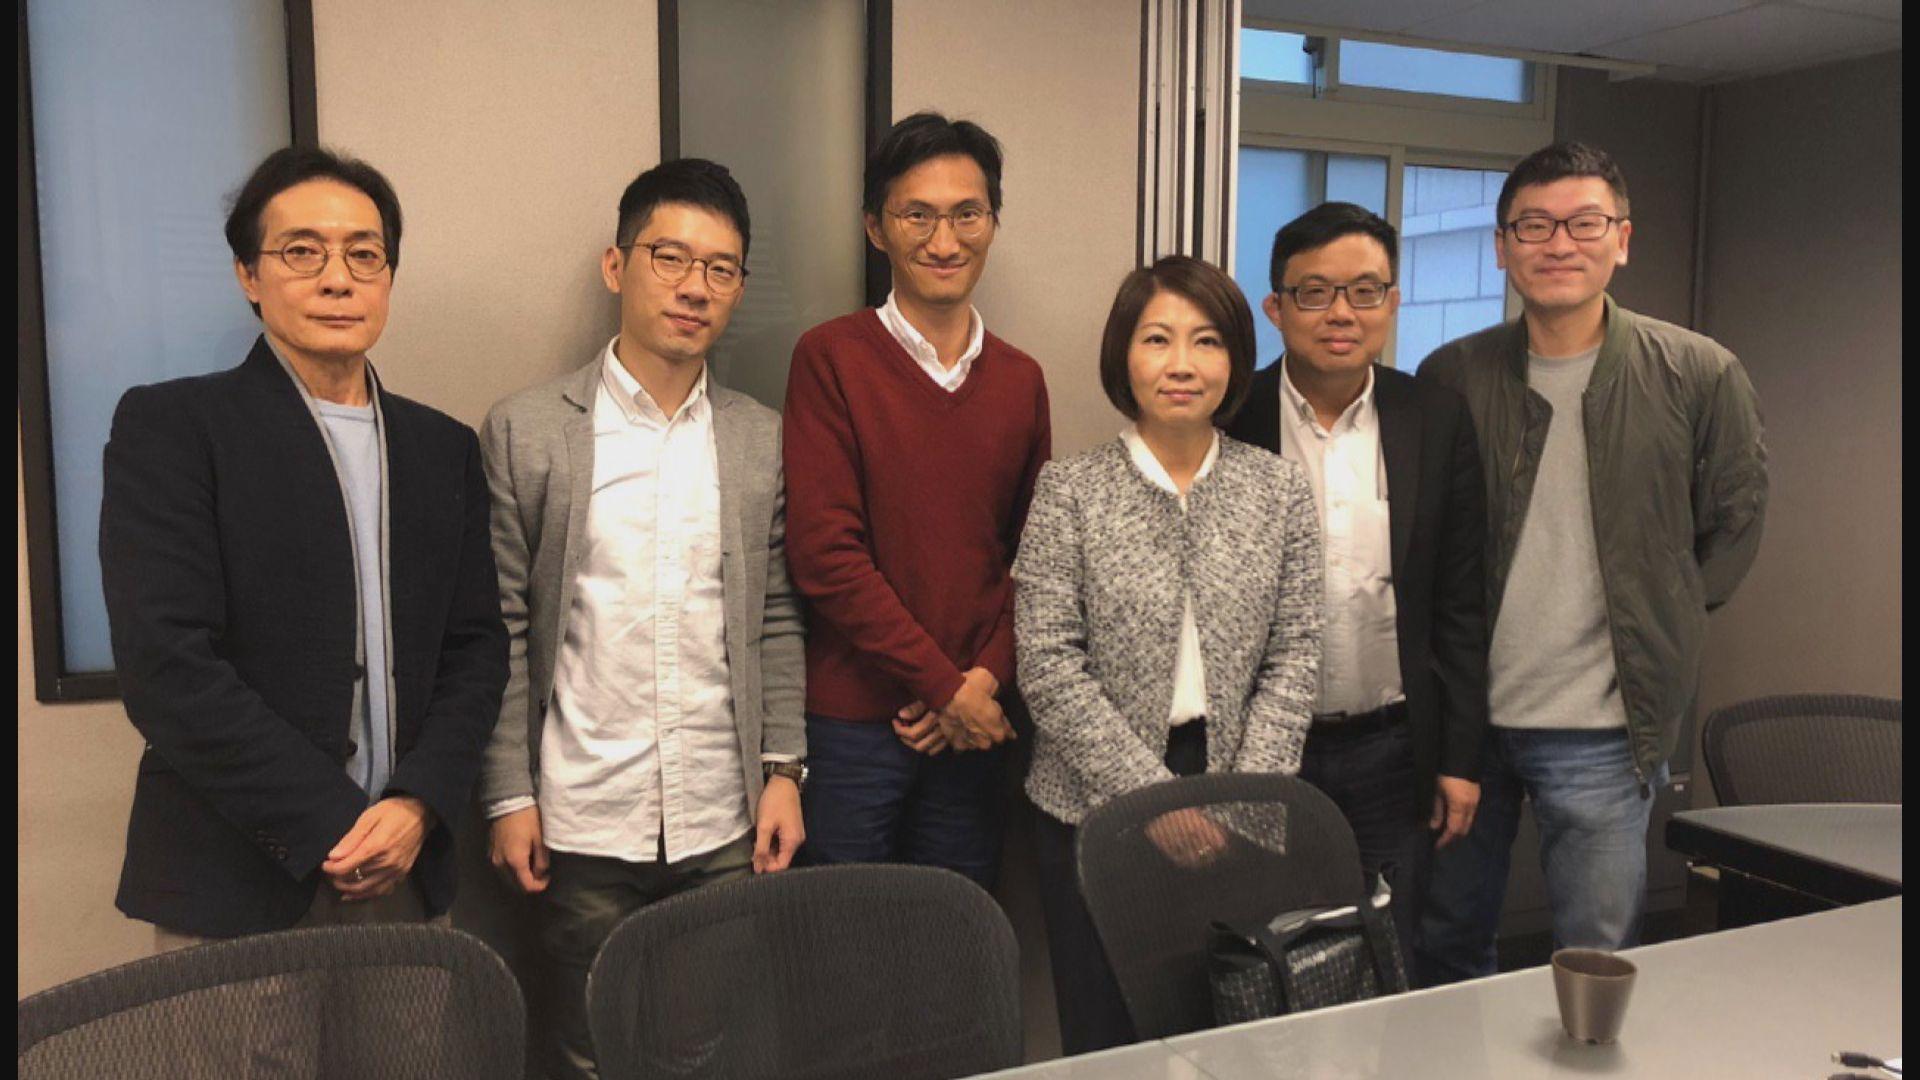 台灣的陸委會籲港府考慮簽訂司法互助協議